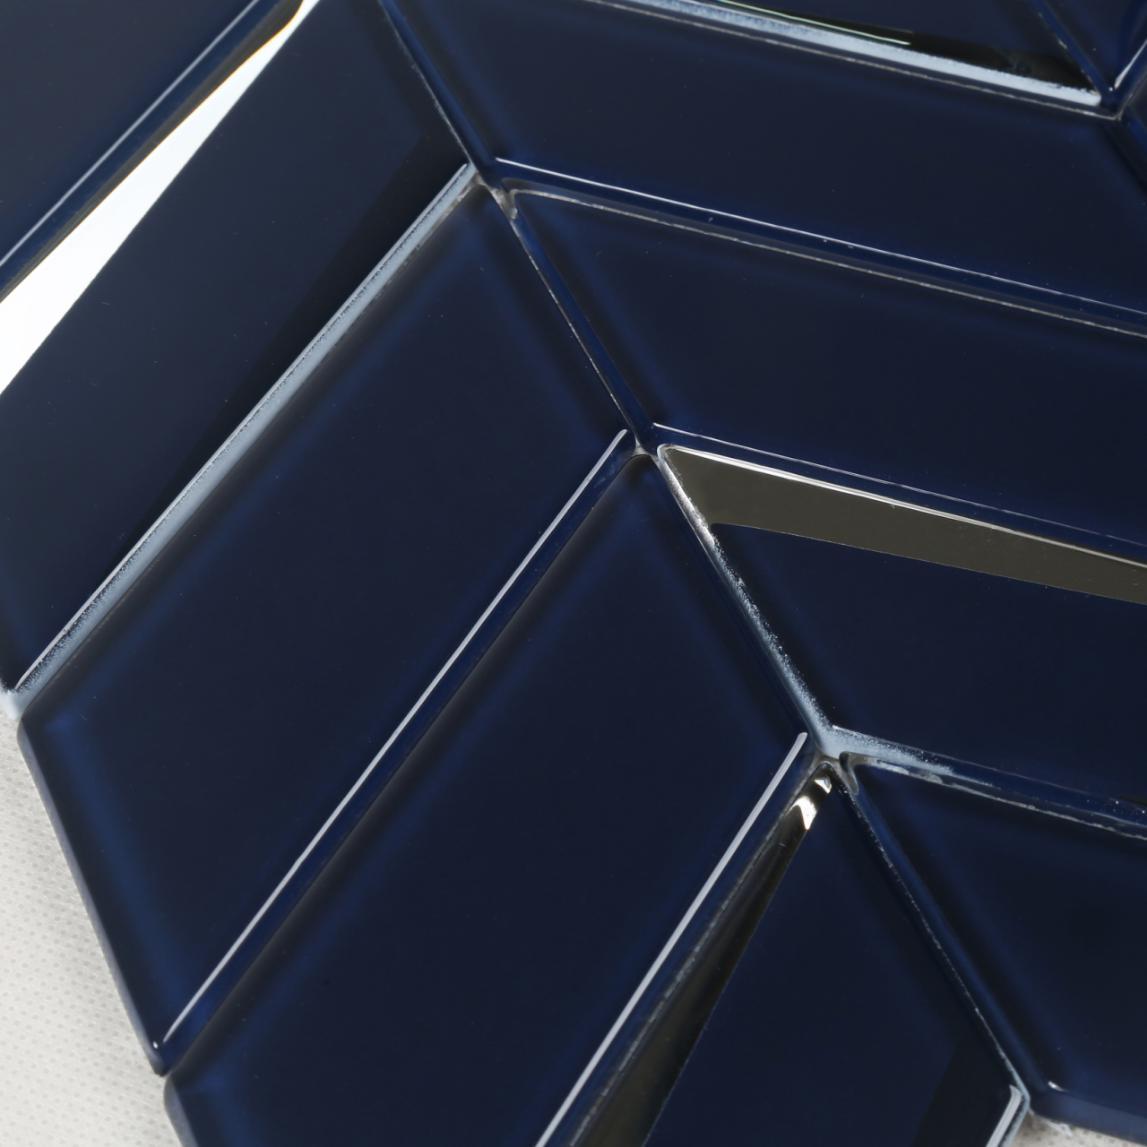 Heng Xing-glass mosaic tile sheets | Glass Mosaic Tile | Heng Xing